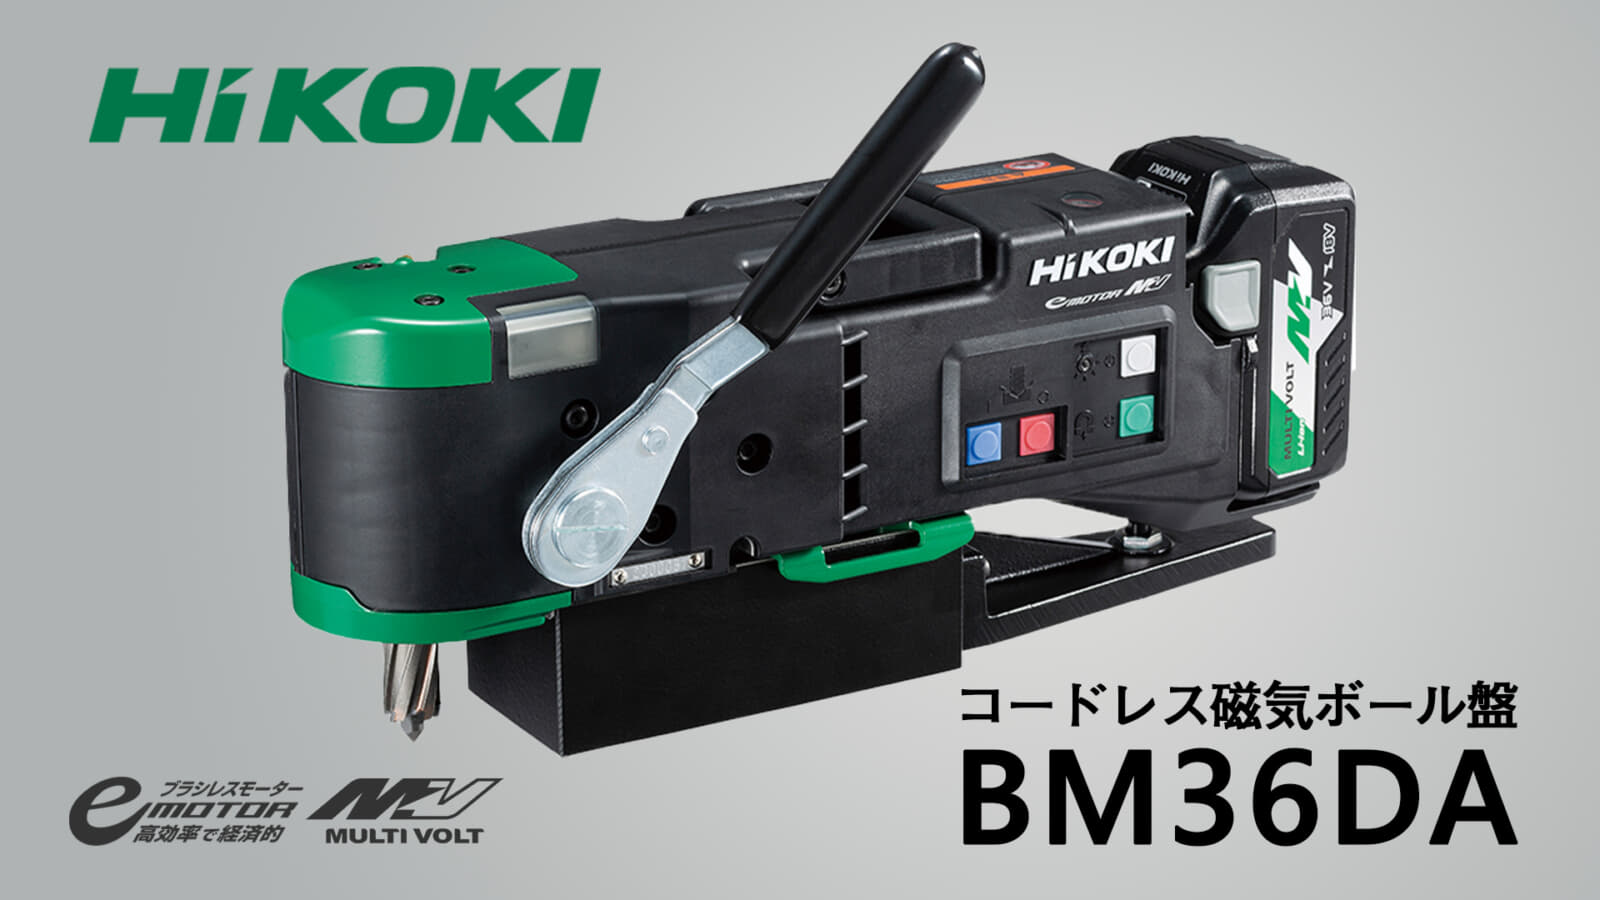 HiKOKI BM36DA コードレス磁器ボール盤を発売、操作性に優れた小型モデル